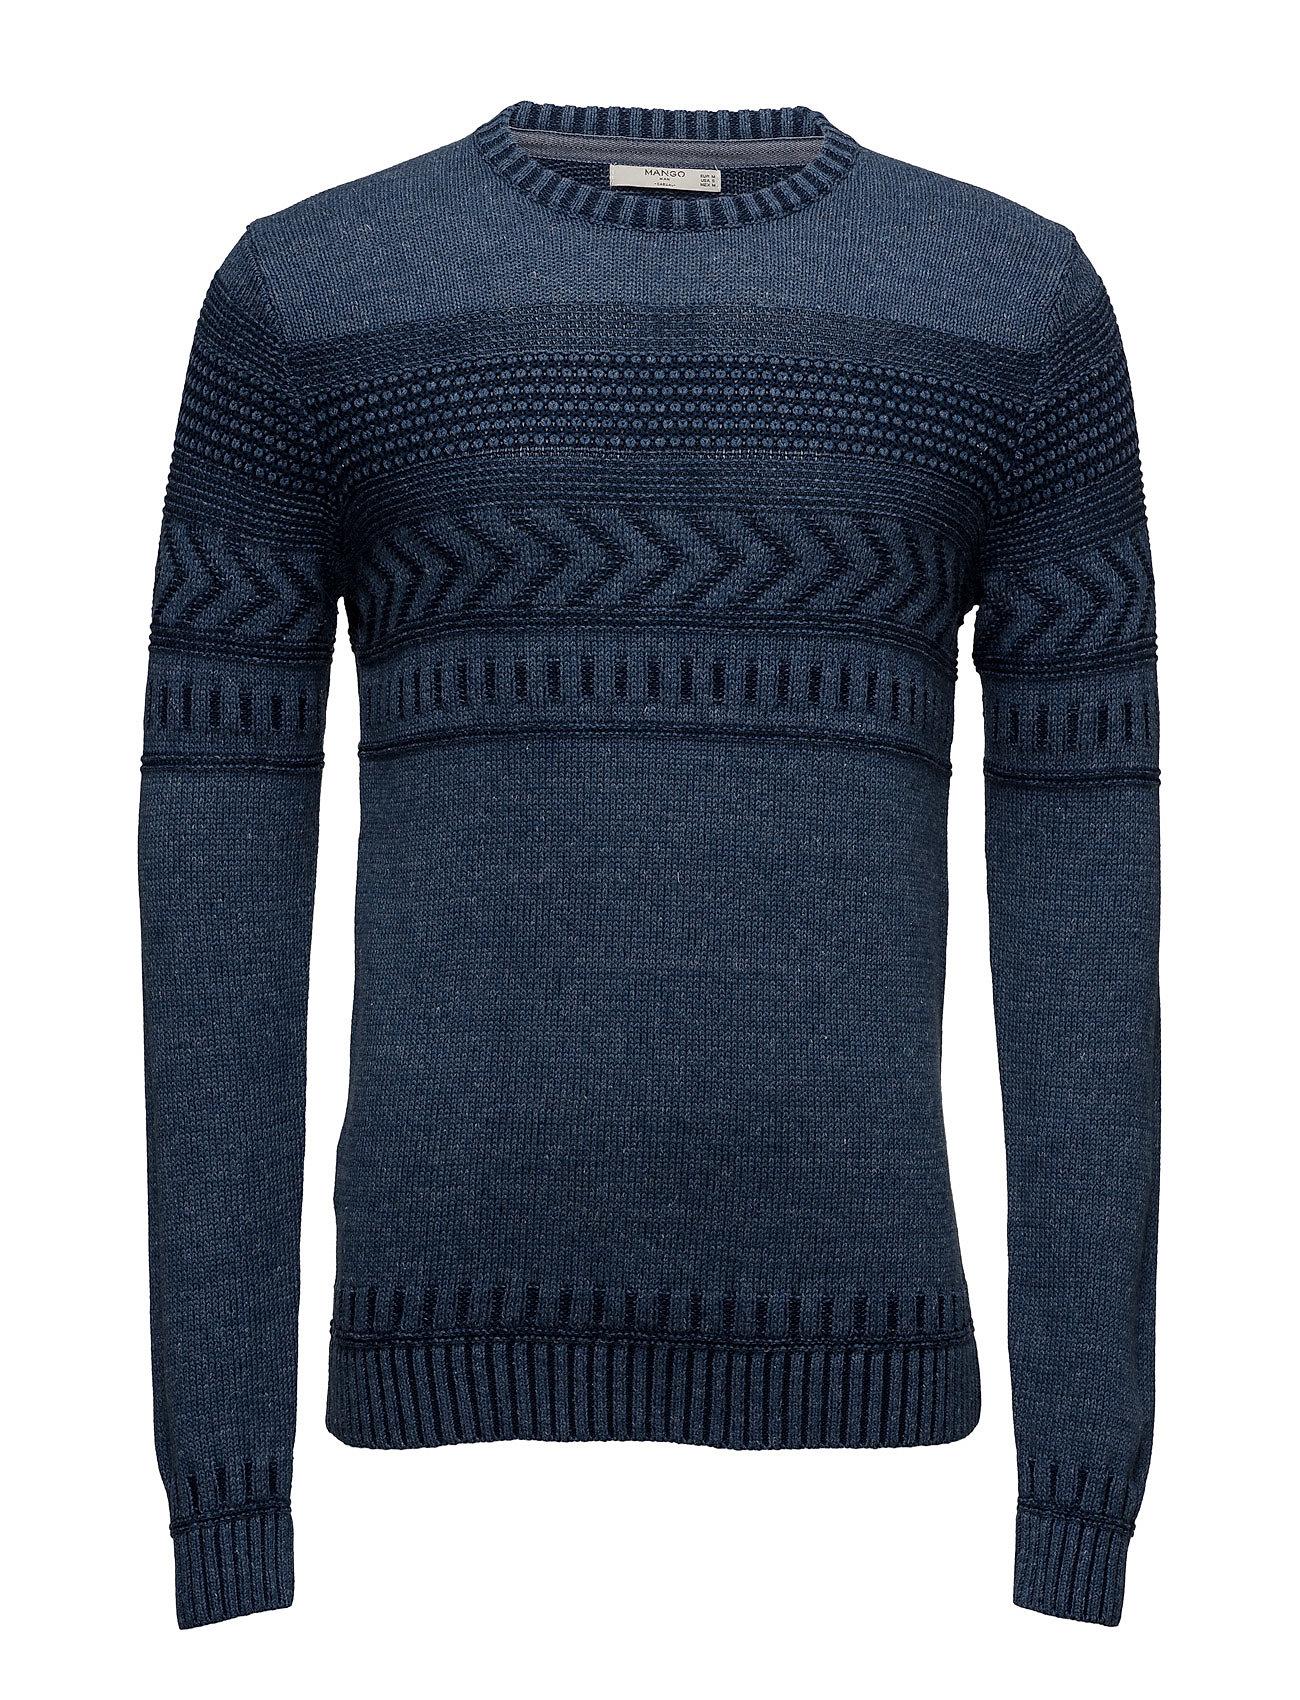 Flecked Jacquard Sweater Mango Man Striktøj til Mænd i Navy blå